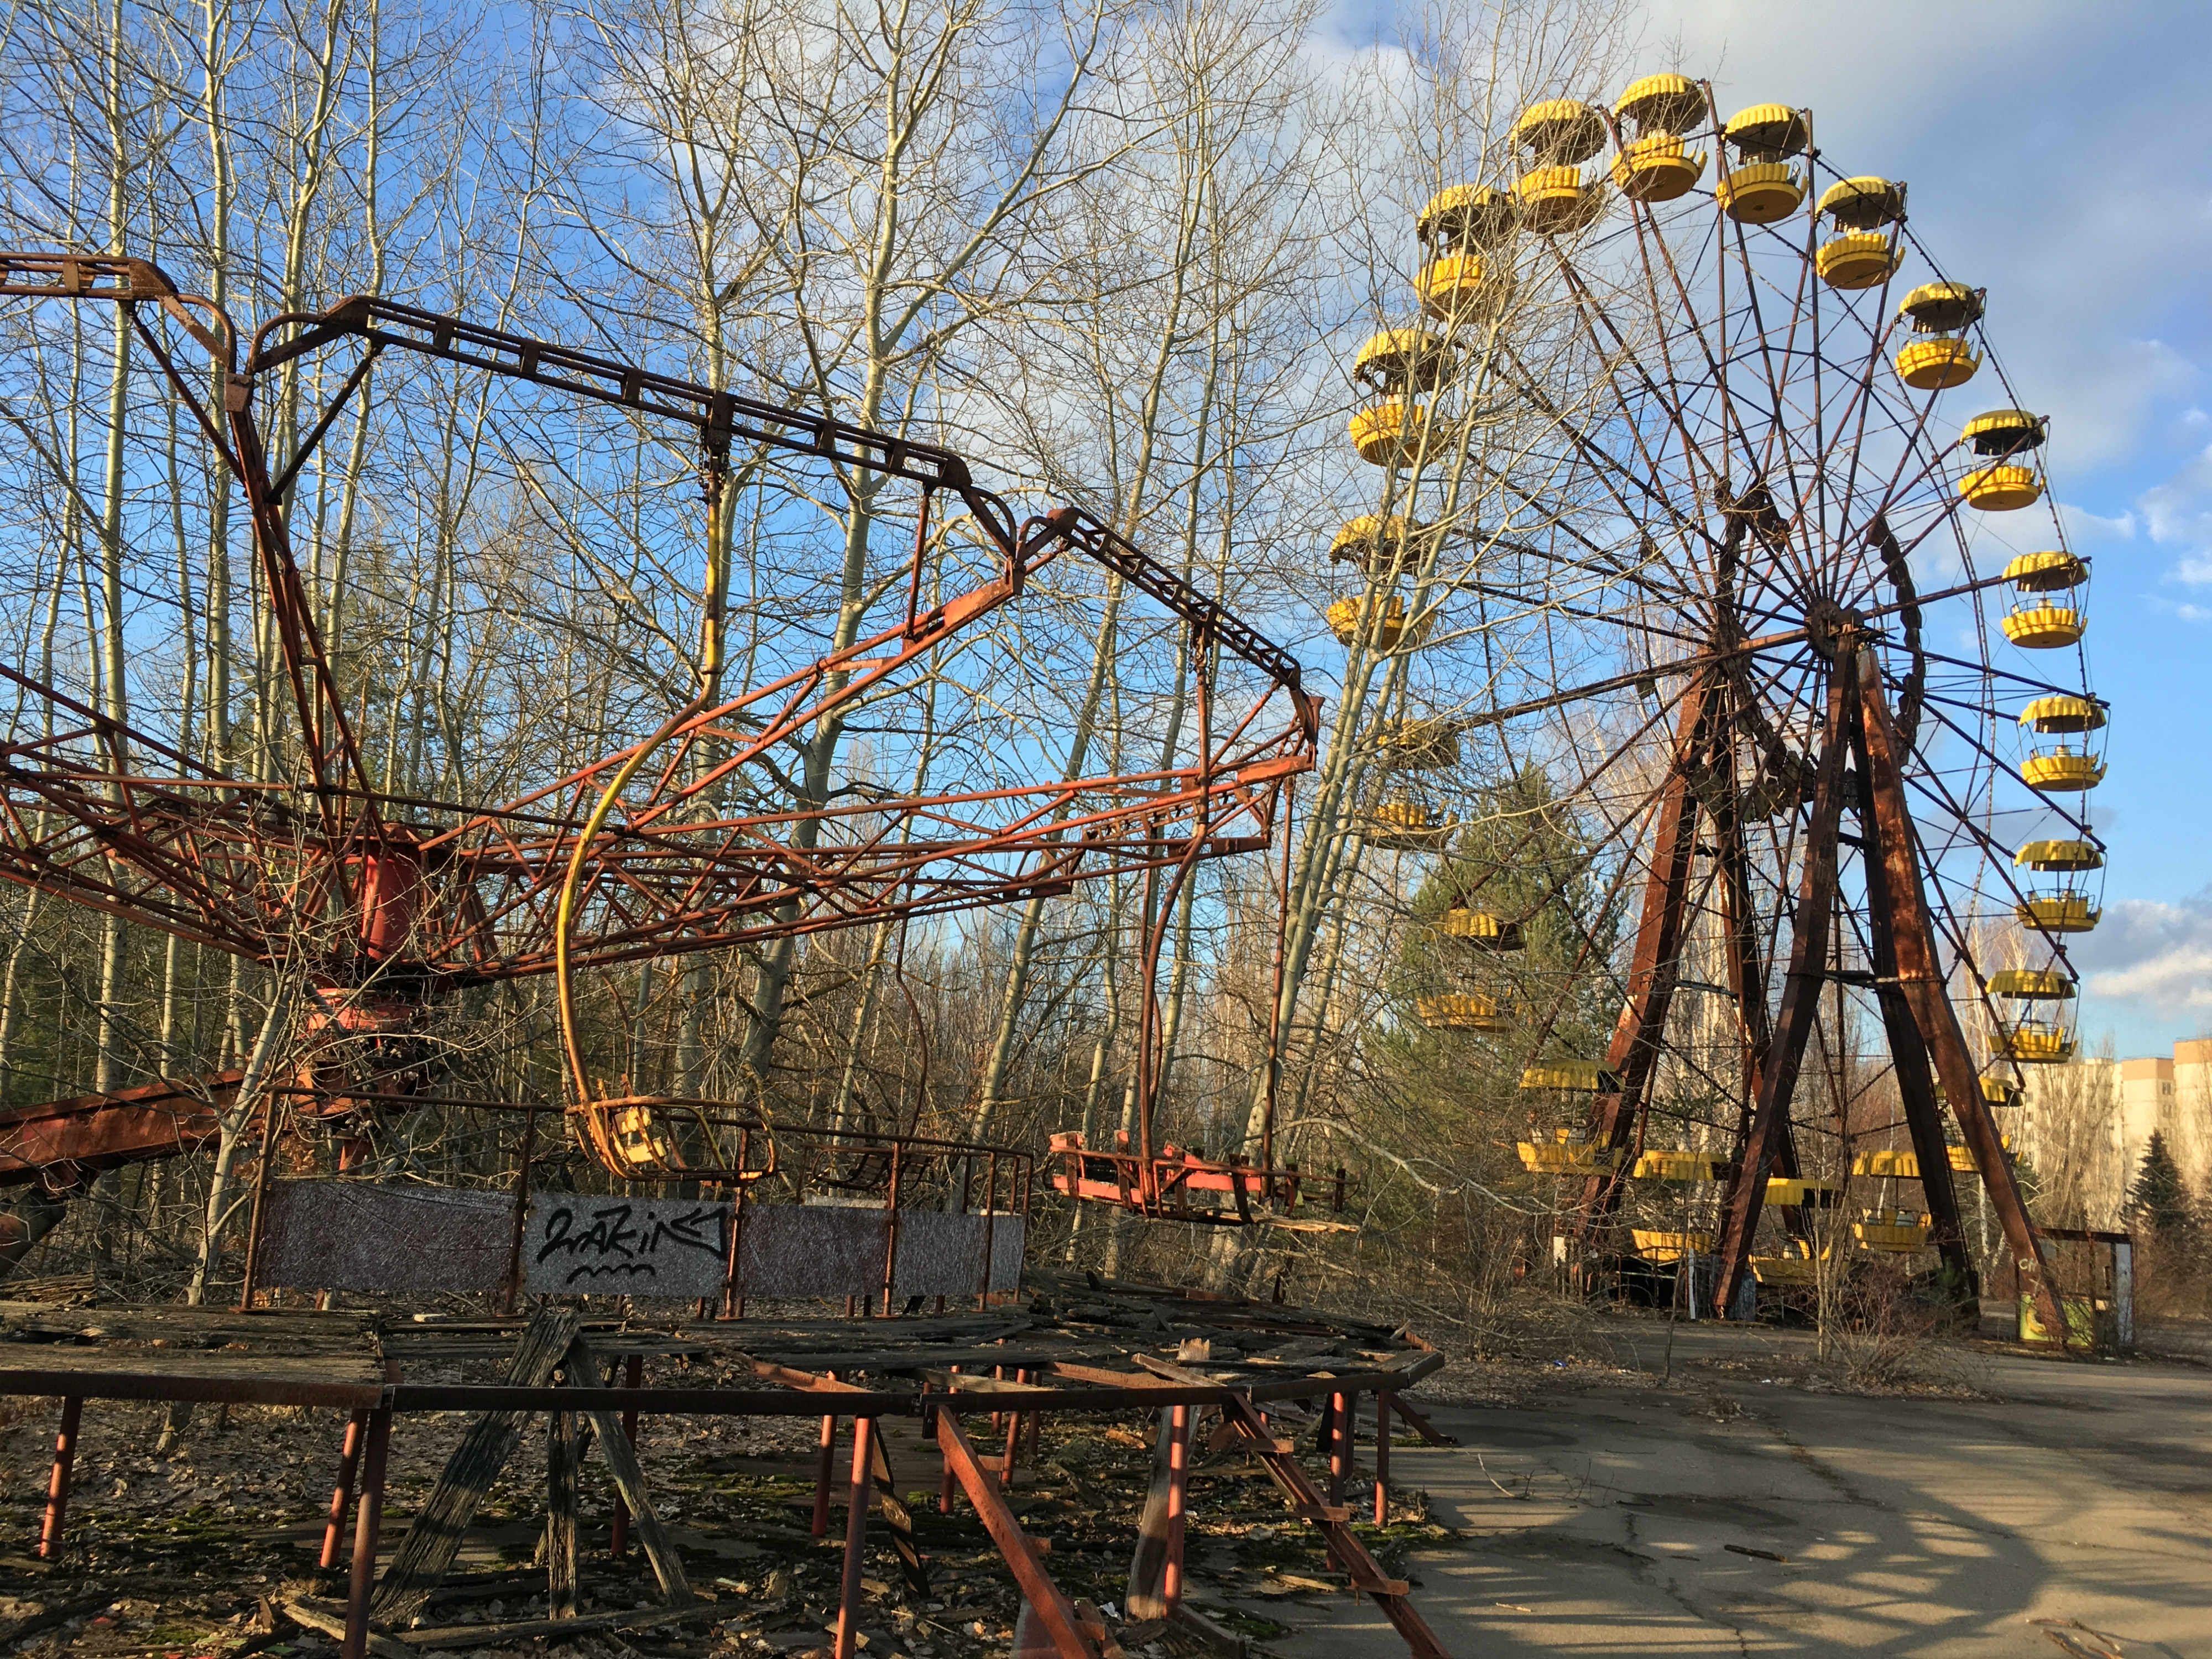 Inside Ukraine S Haunting Chernobyl Exclusion Zone Chernobyl